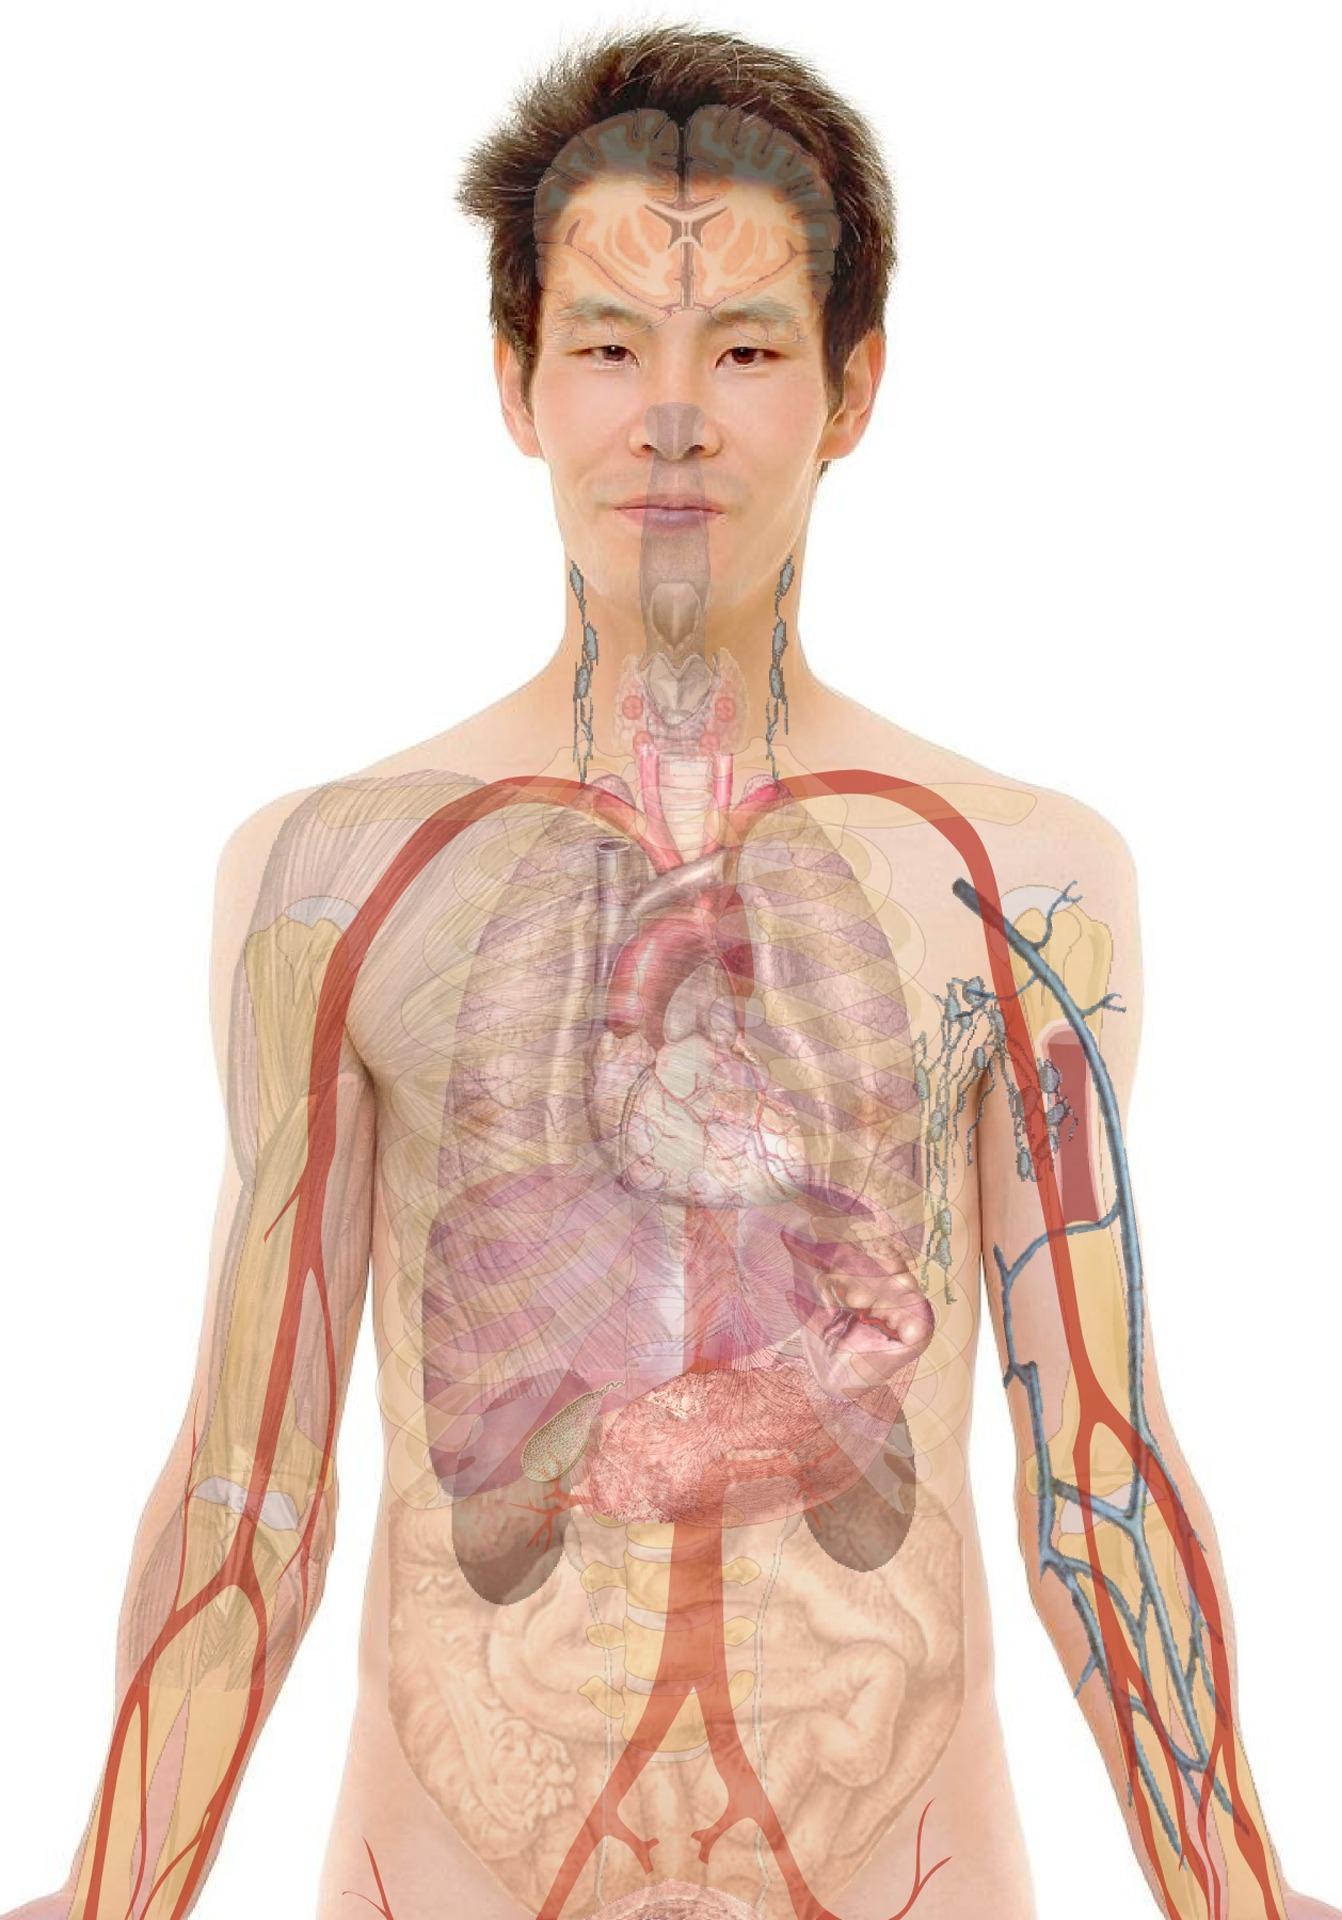 hogyan lehet elpusztítani a parazitákat az emberi testben anélkül